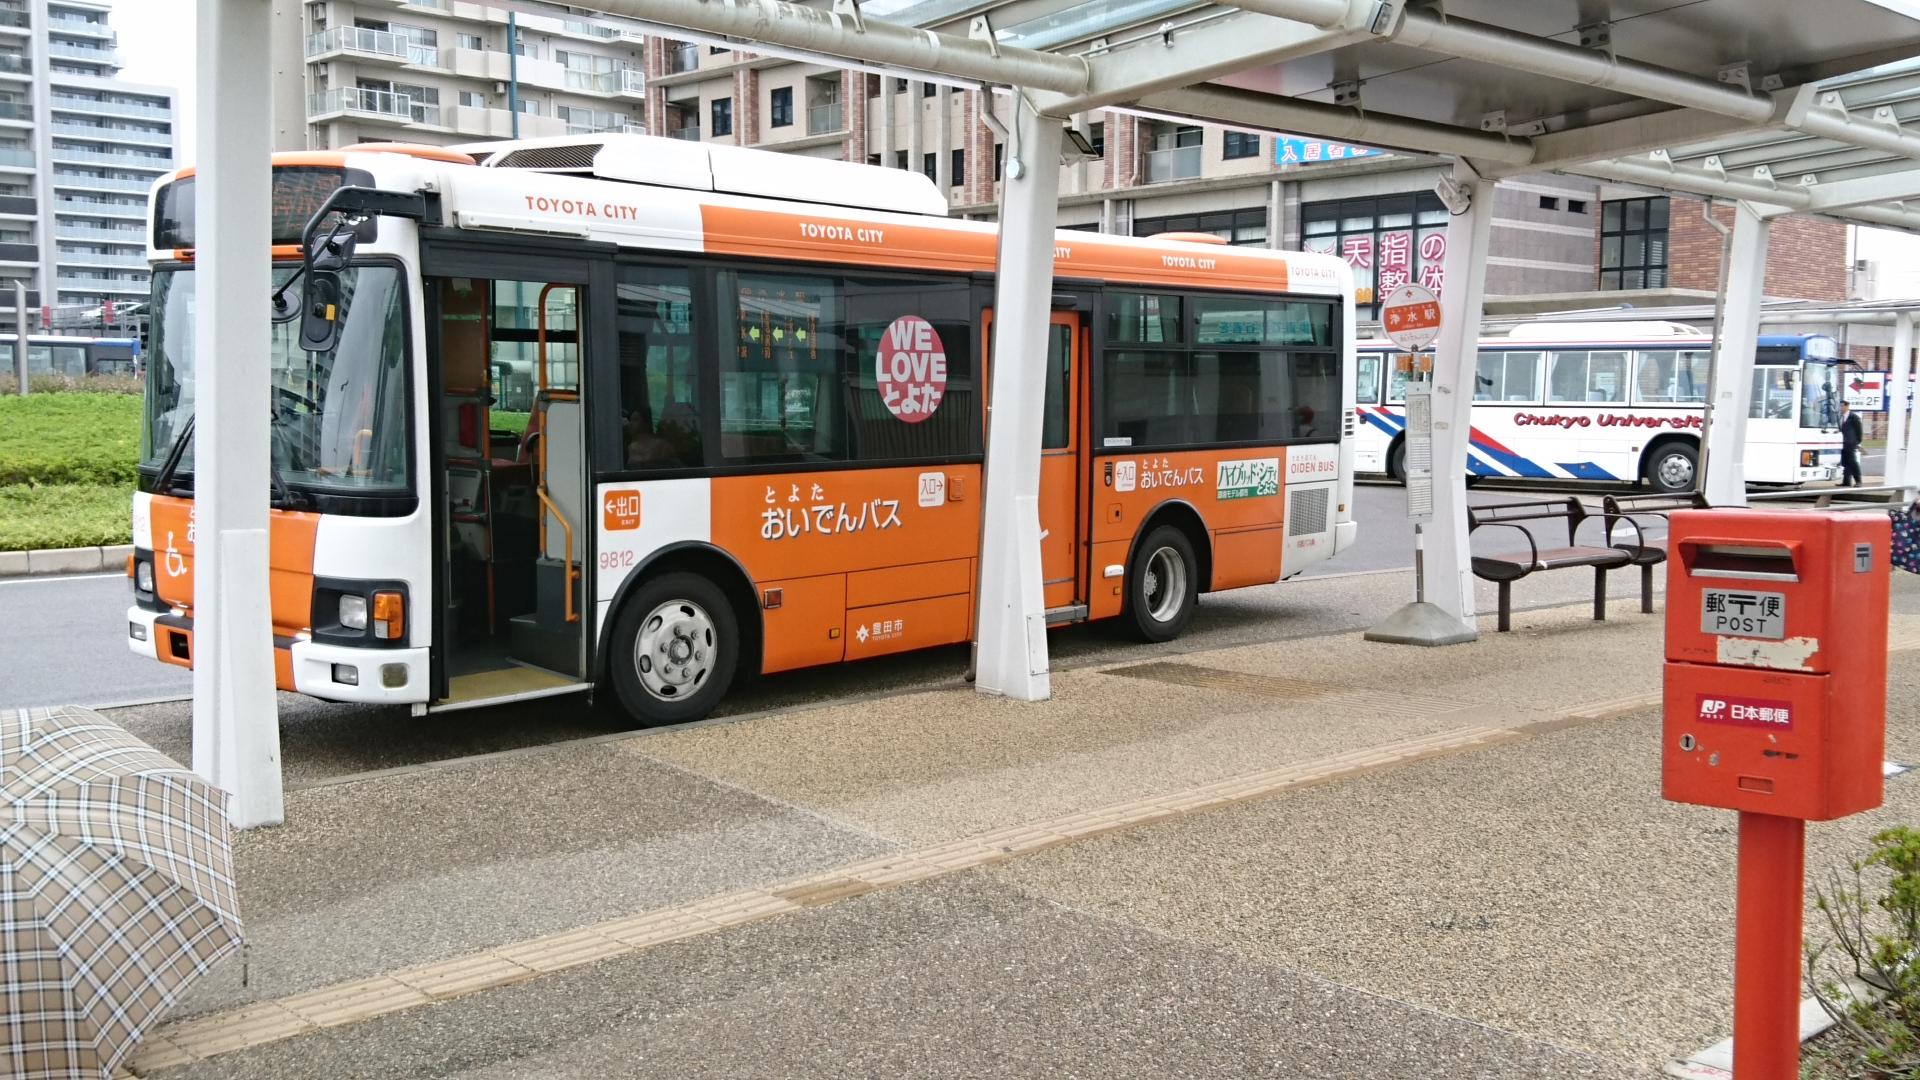 2017.10.3 豊田線 (21) 浄水 - おいでんバス 1920-1080